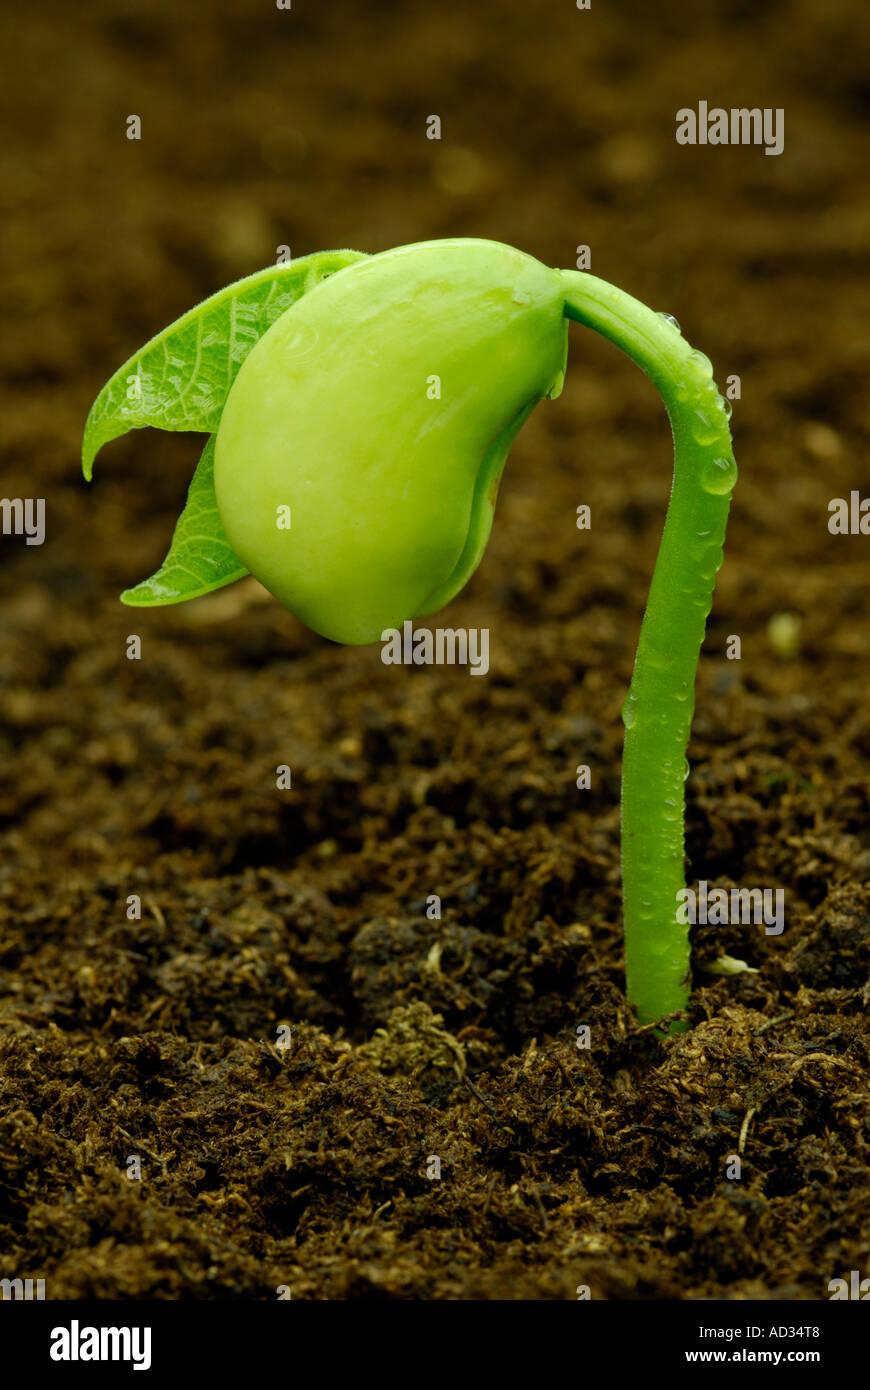 Lima bean, Phaseolus lunatus, seedling sprouting in dark soil - Stock Image